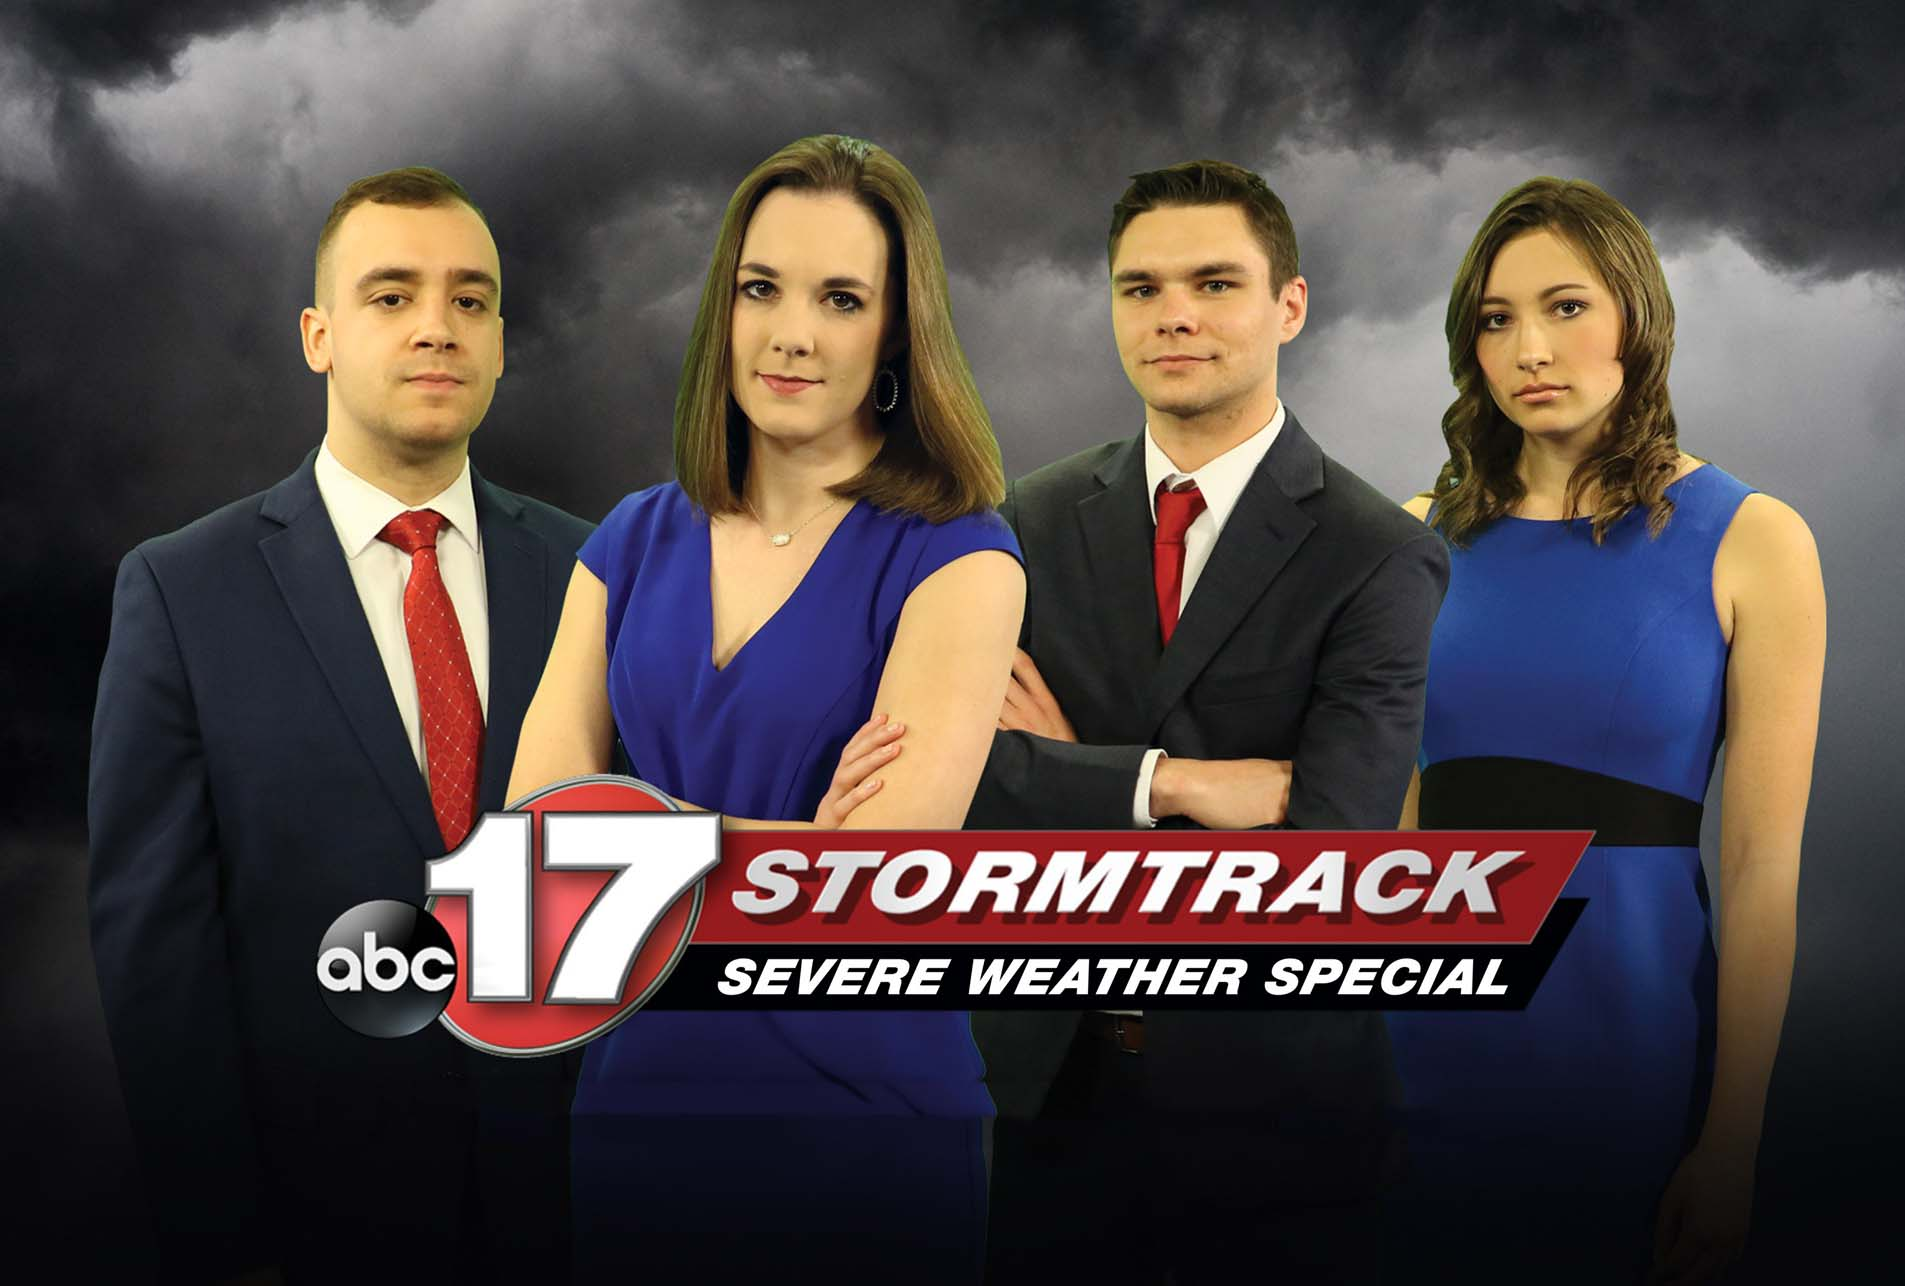 ABC 17 Stromtrack Weather Team